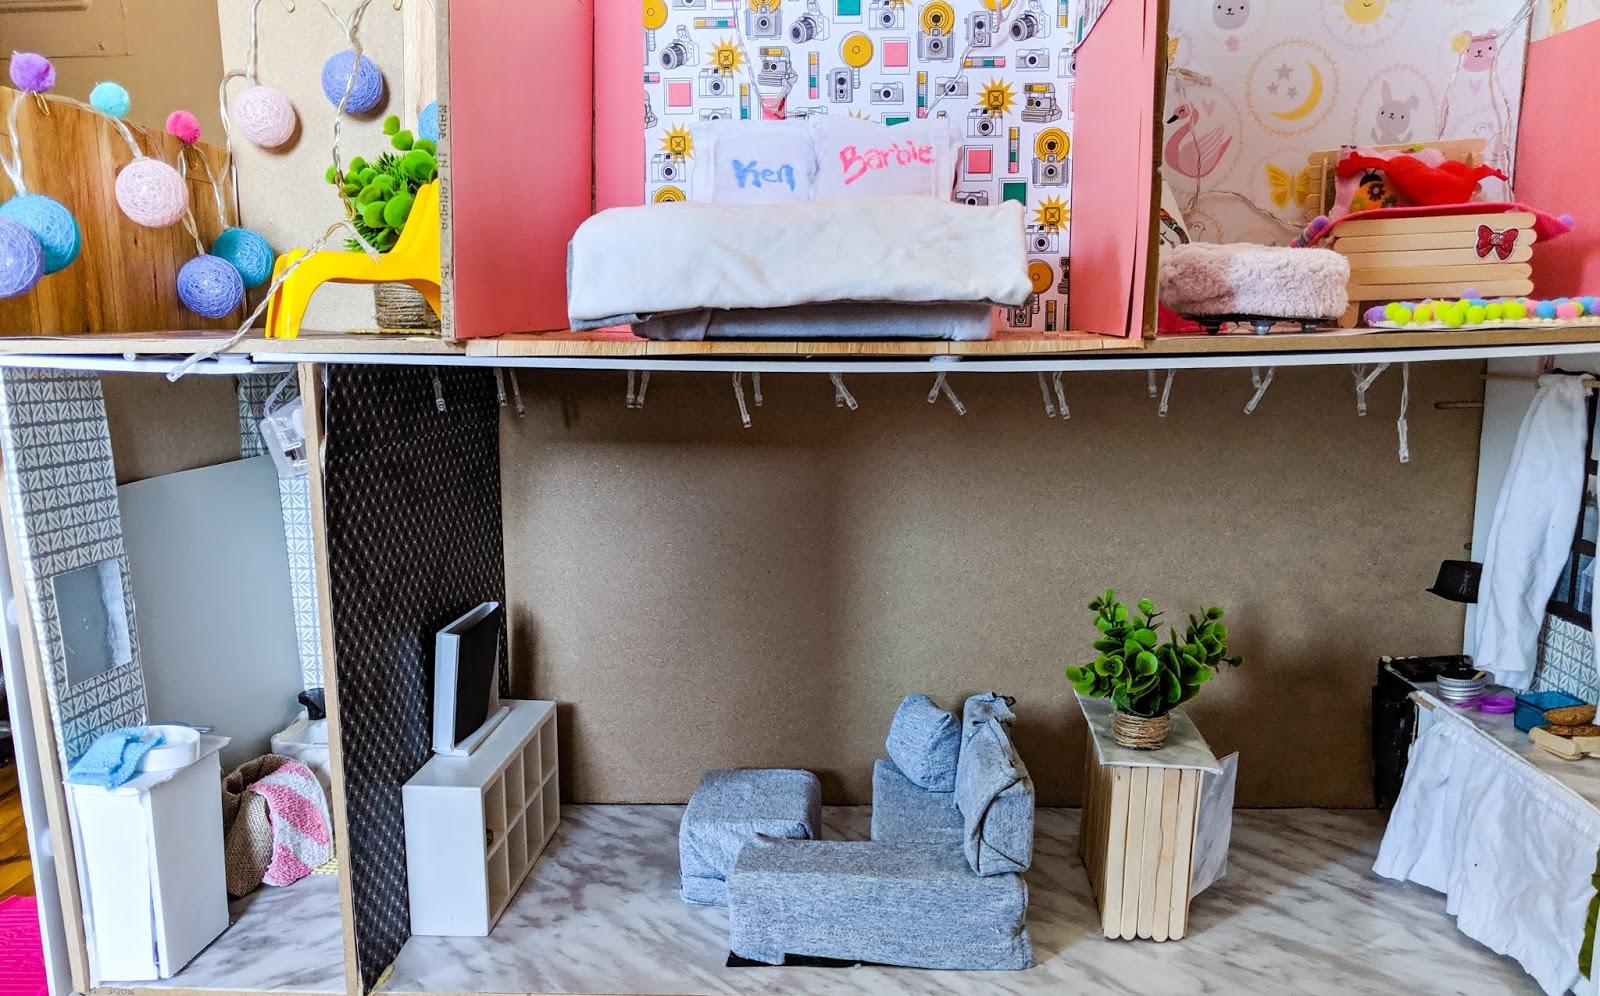 Maison De Barbie J Ai Construit Une Maison De Barbie Etre Radieuse Par Josianne Brousseau Etre Radieuse